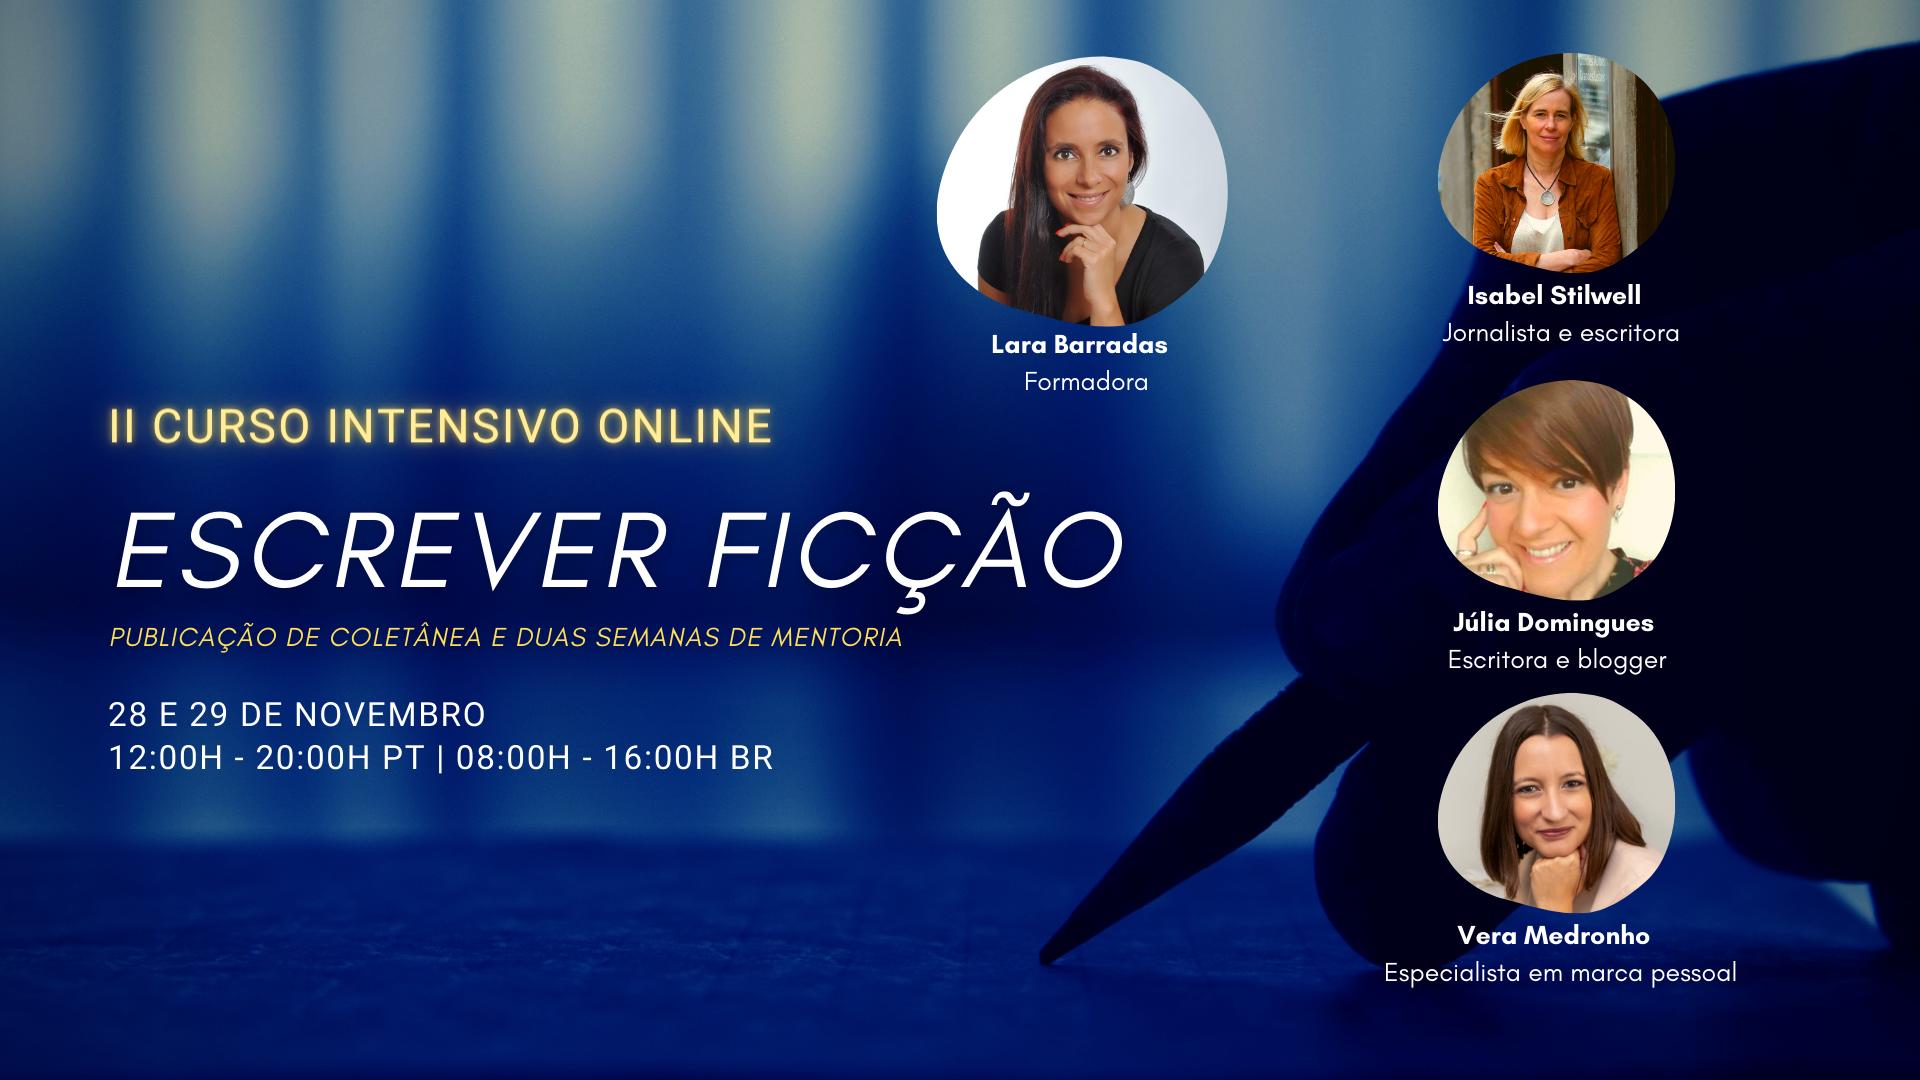 ESCREVER FICÇÃO - CURSOS INTENSIVO